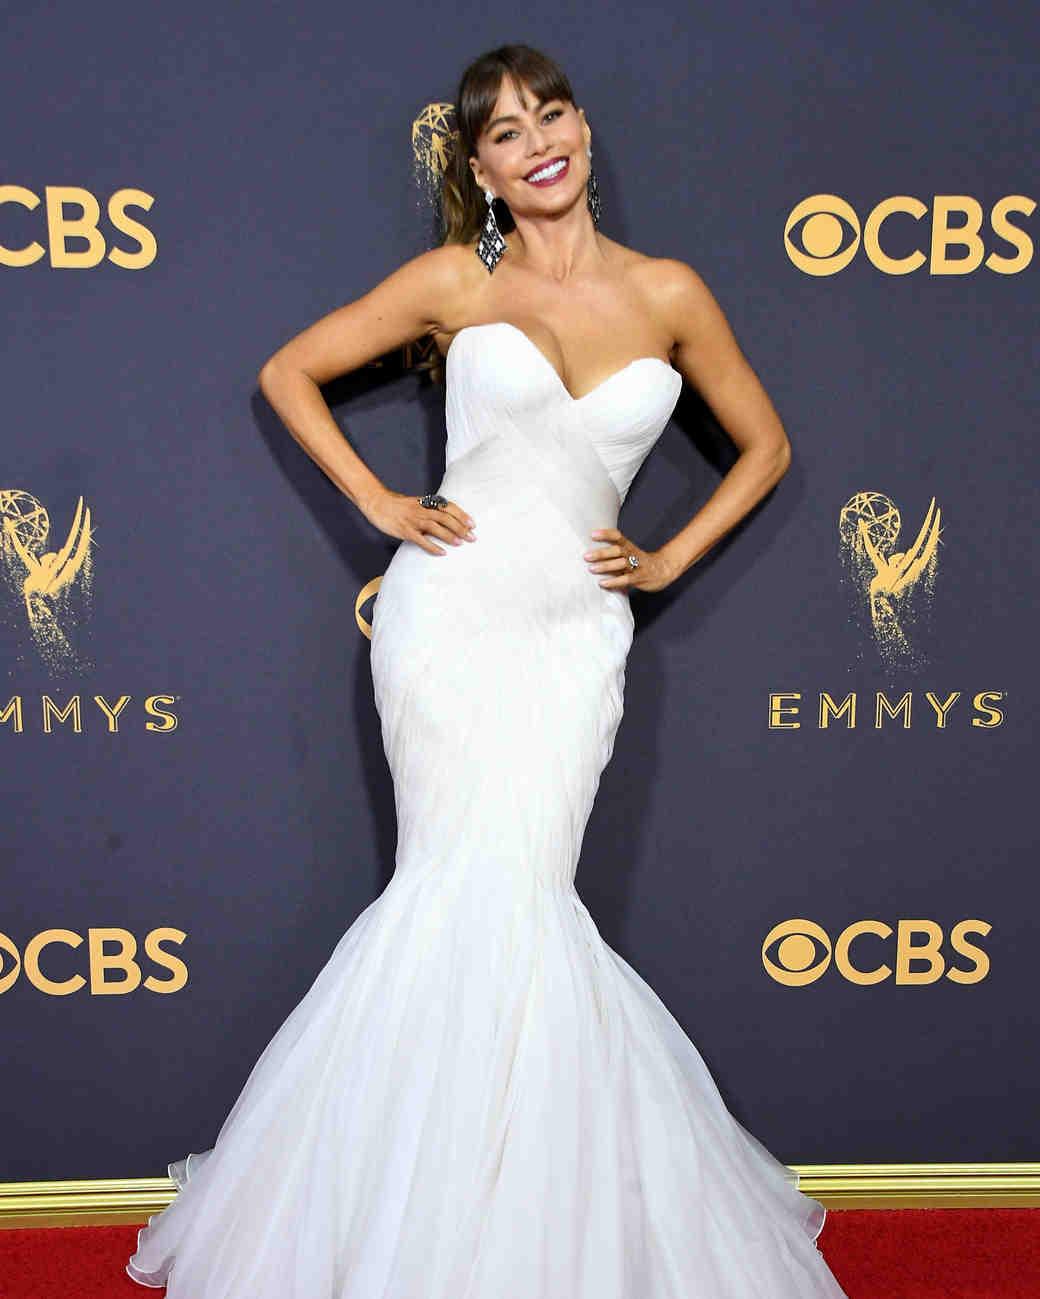 Sofia Vergara Emmys Red Carpet 2017